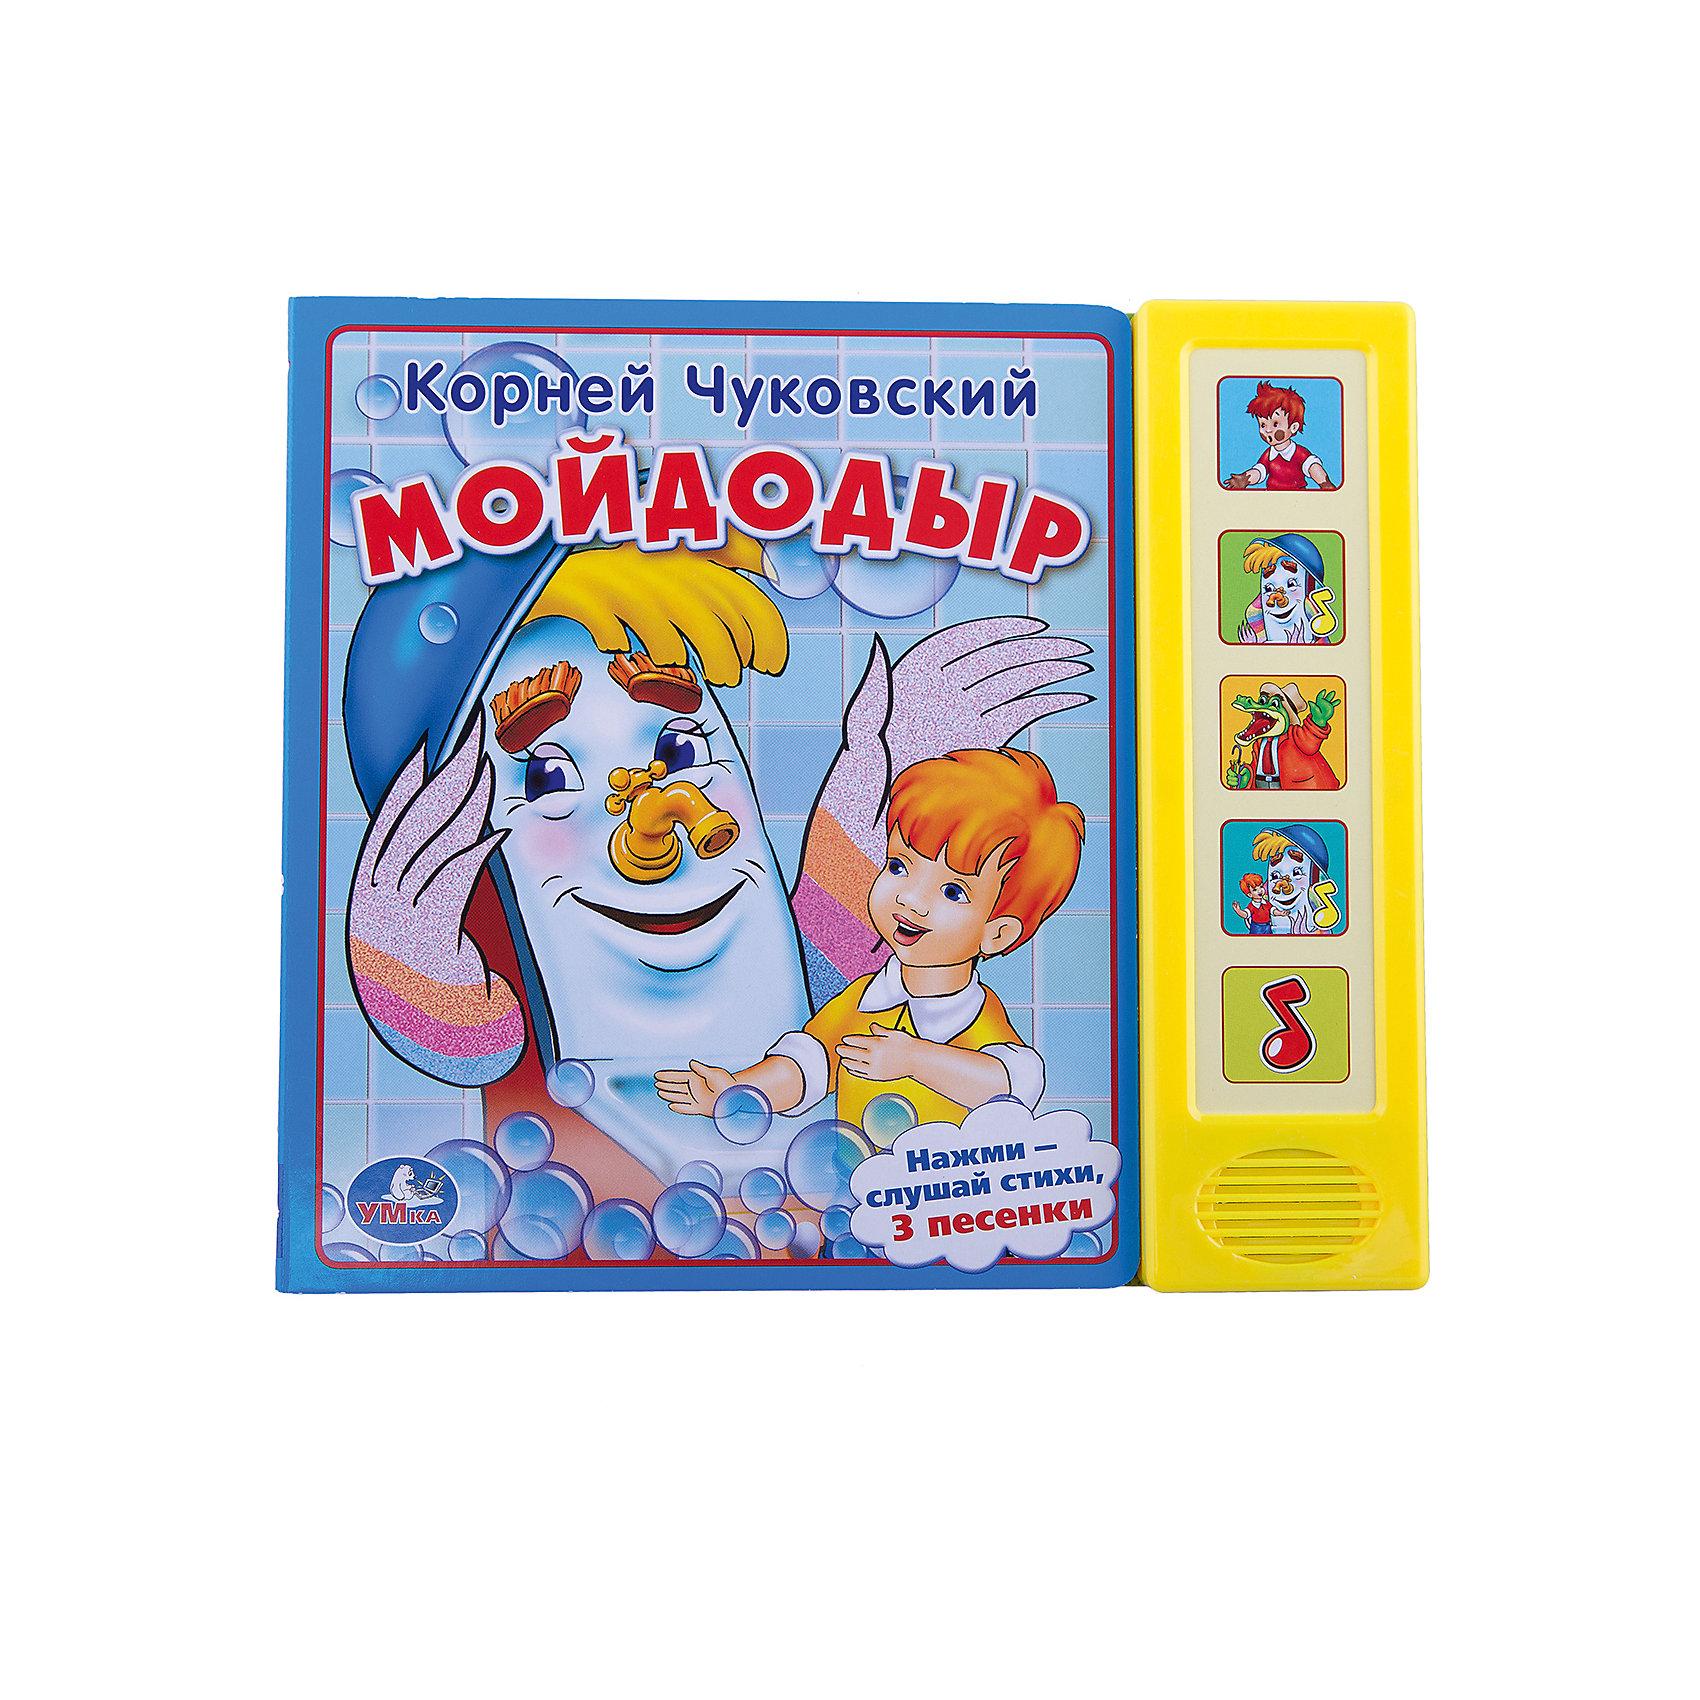 Умка Мойдодыр, К. Чуковский, Умка говорящий плакат умка азбука в стихах к чуковский